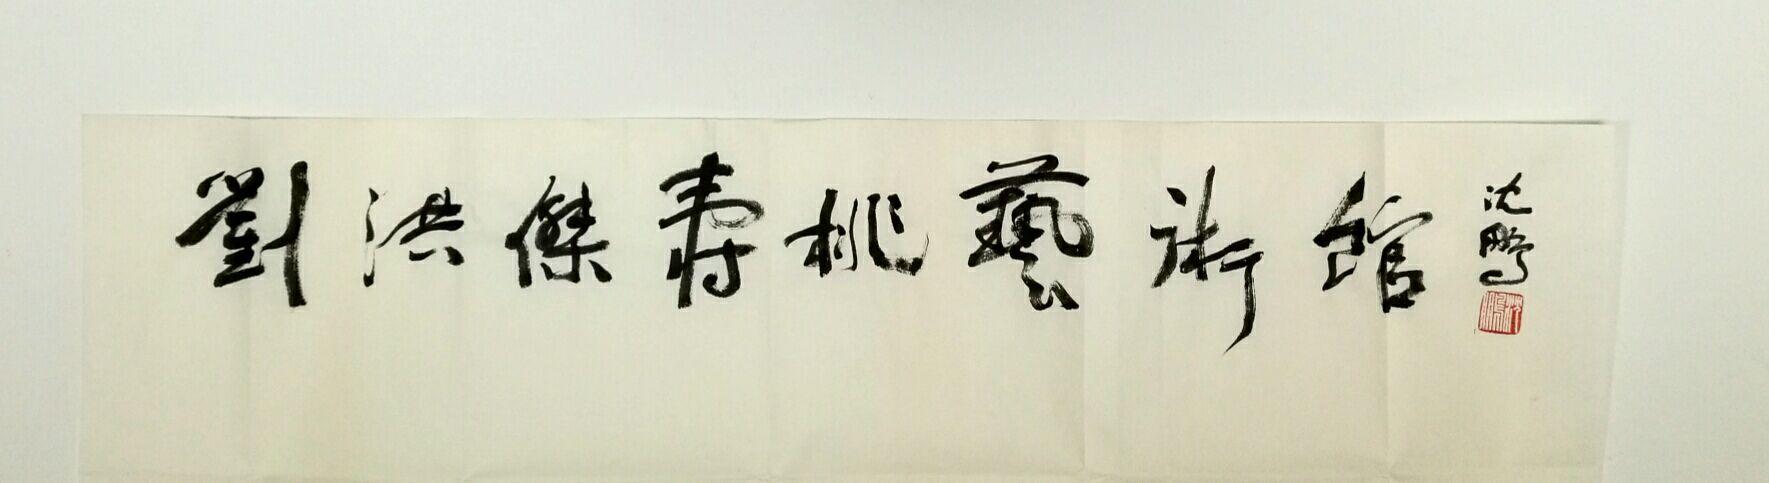 """""""桃王""""创作国画《桃李满天下》贺厦门大学建校百周年"""